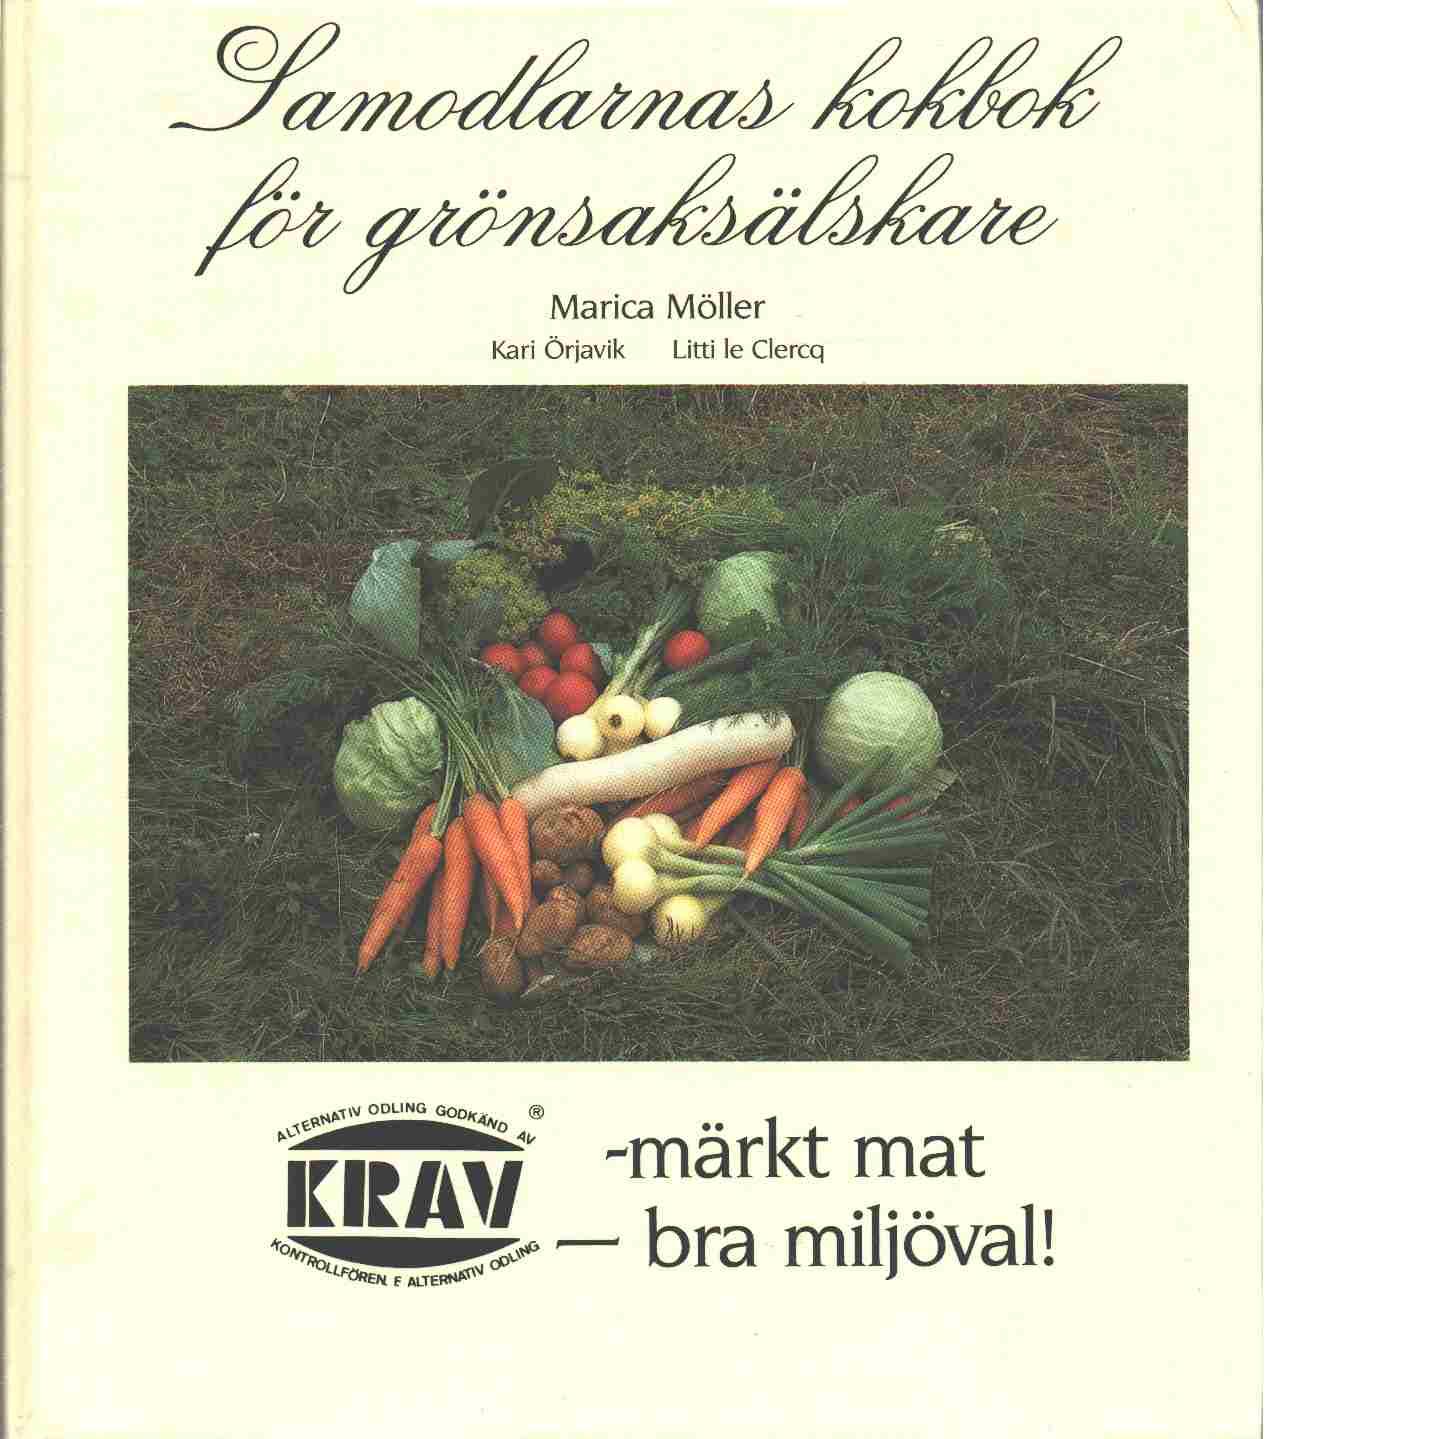 Samodlarnas kokbok för grönsaksälskare - Möller, Marica och Örjavik, Kari samt le Clercq, Litti